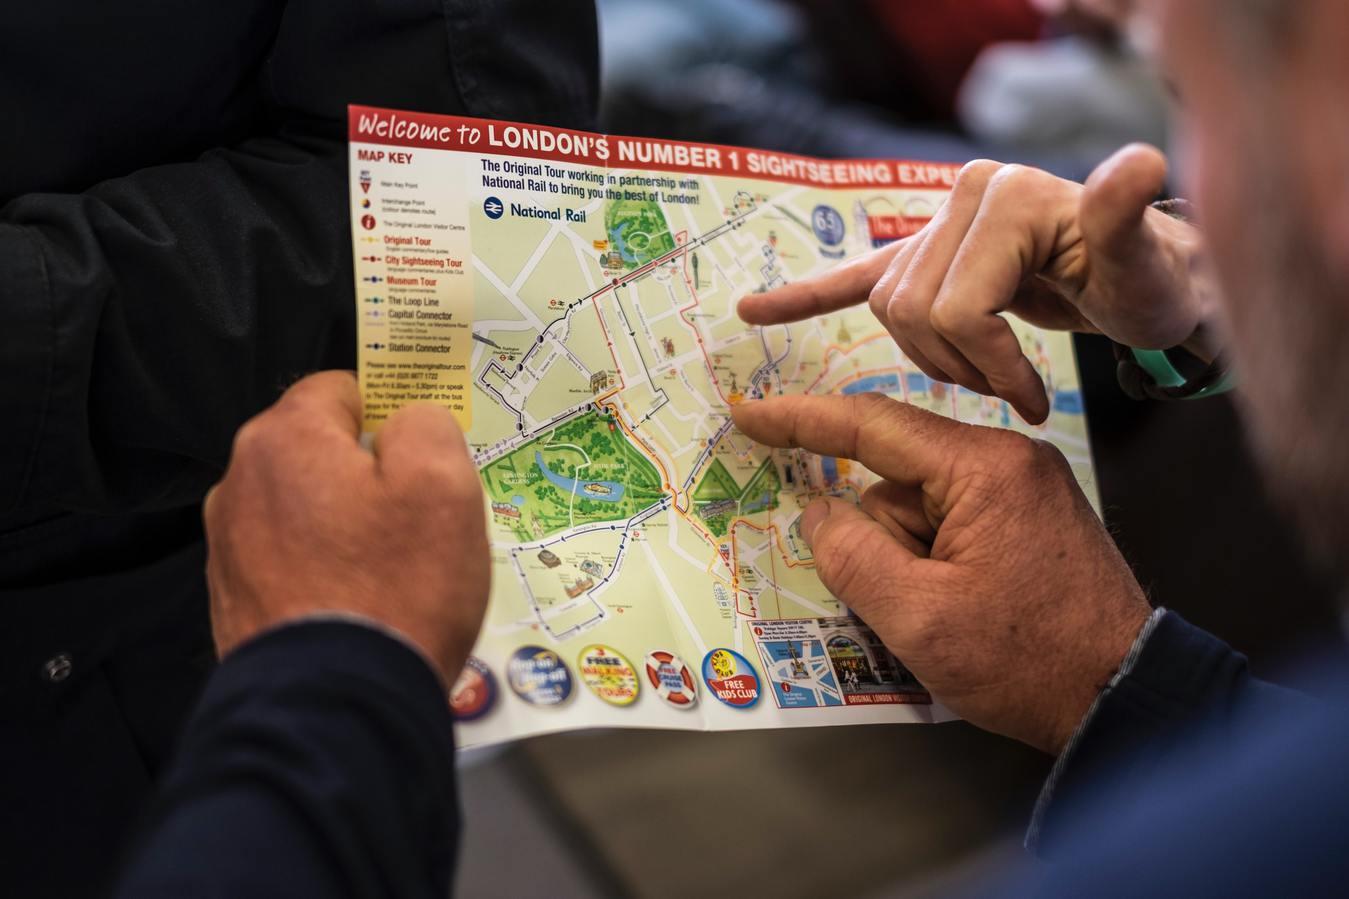 người đàn ông chỉ tay vào bản đồ